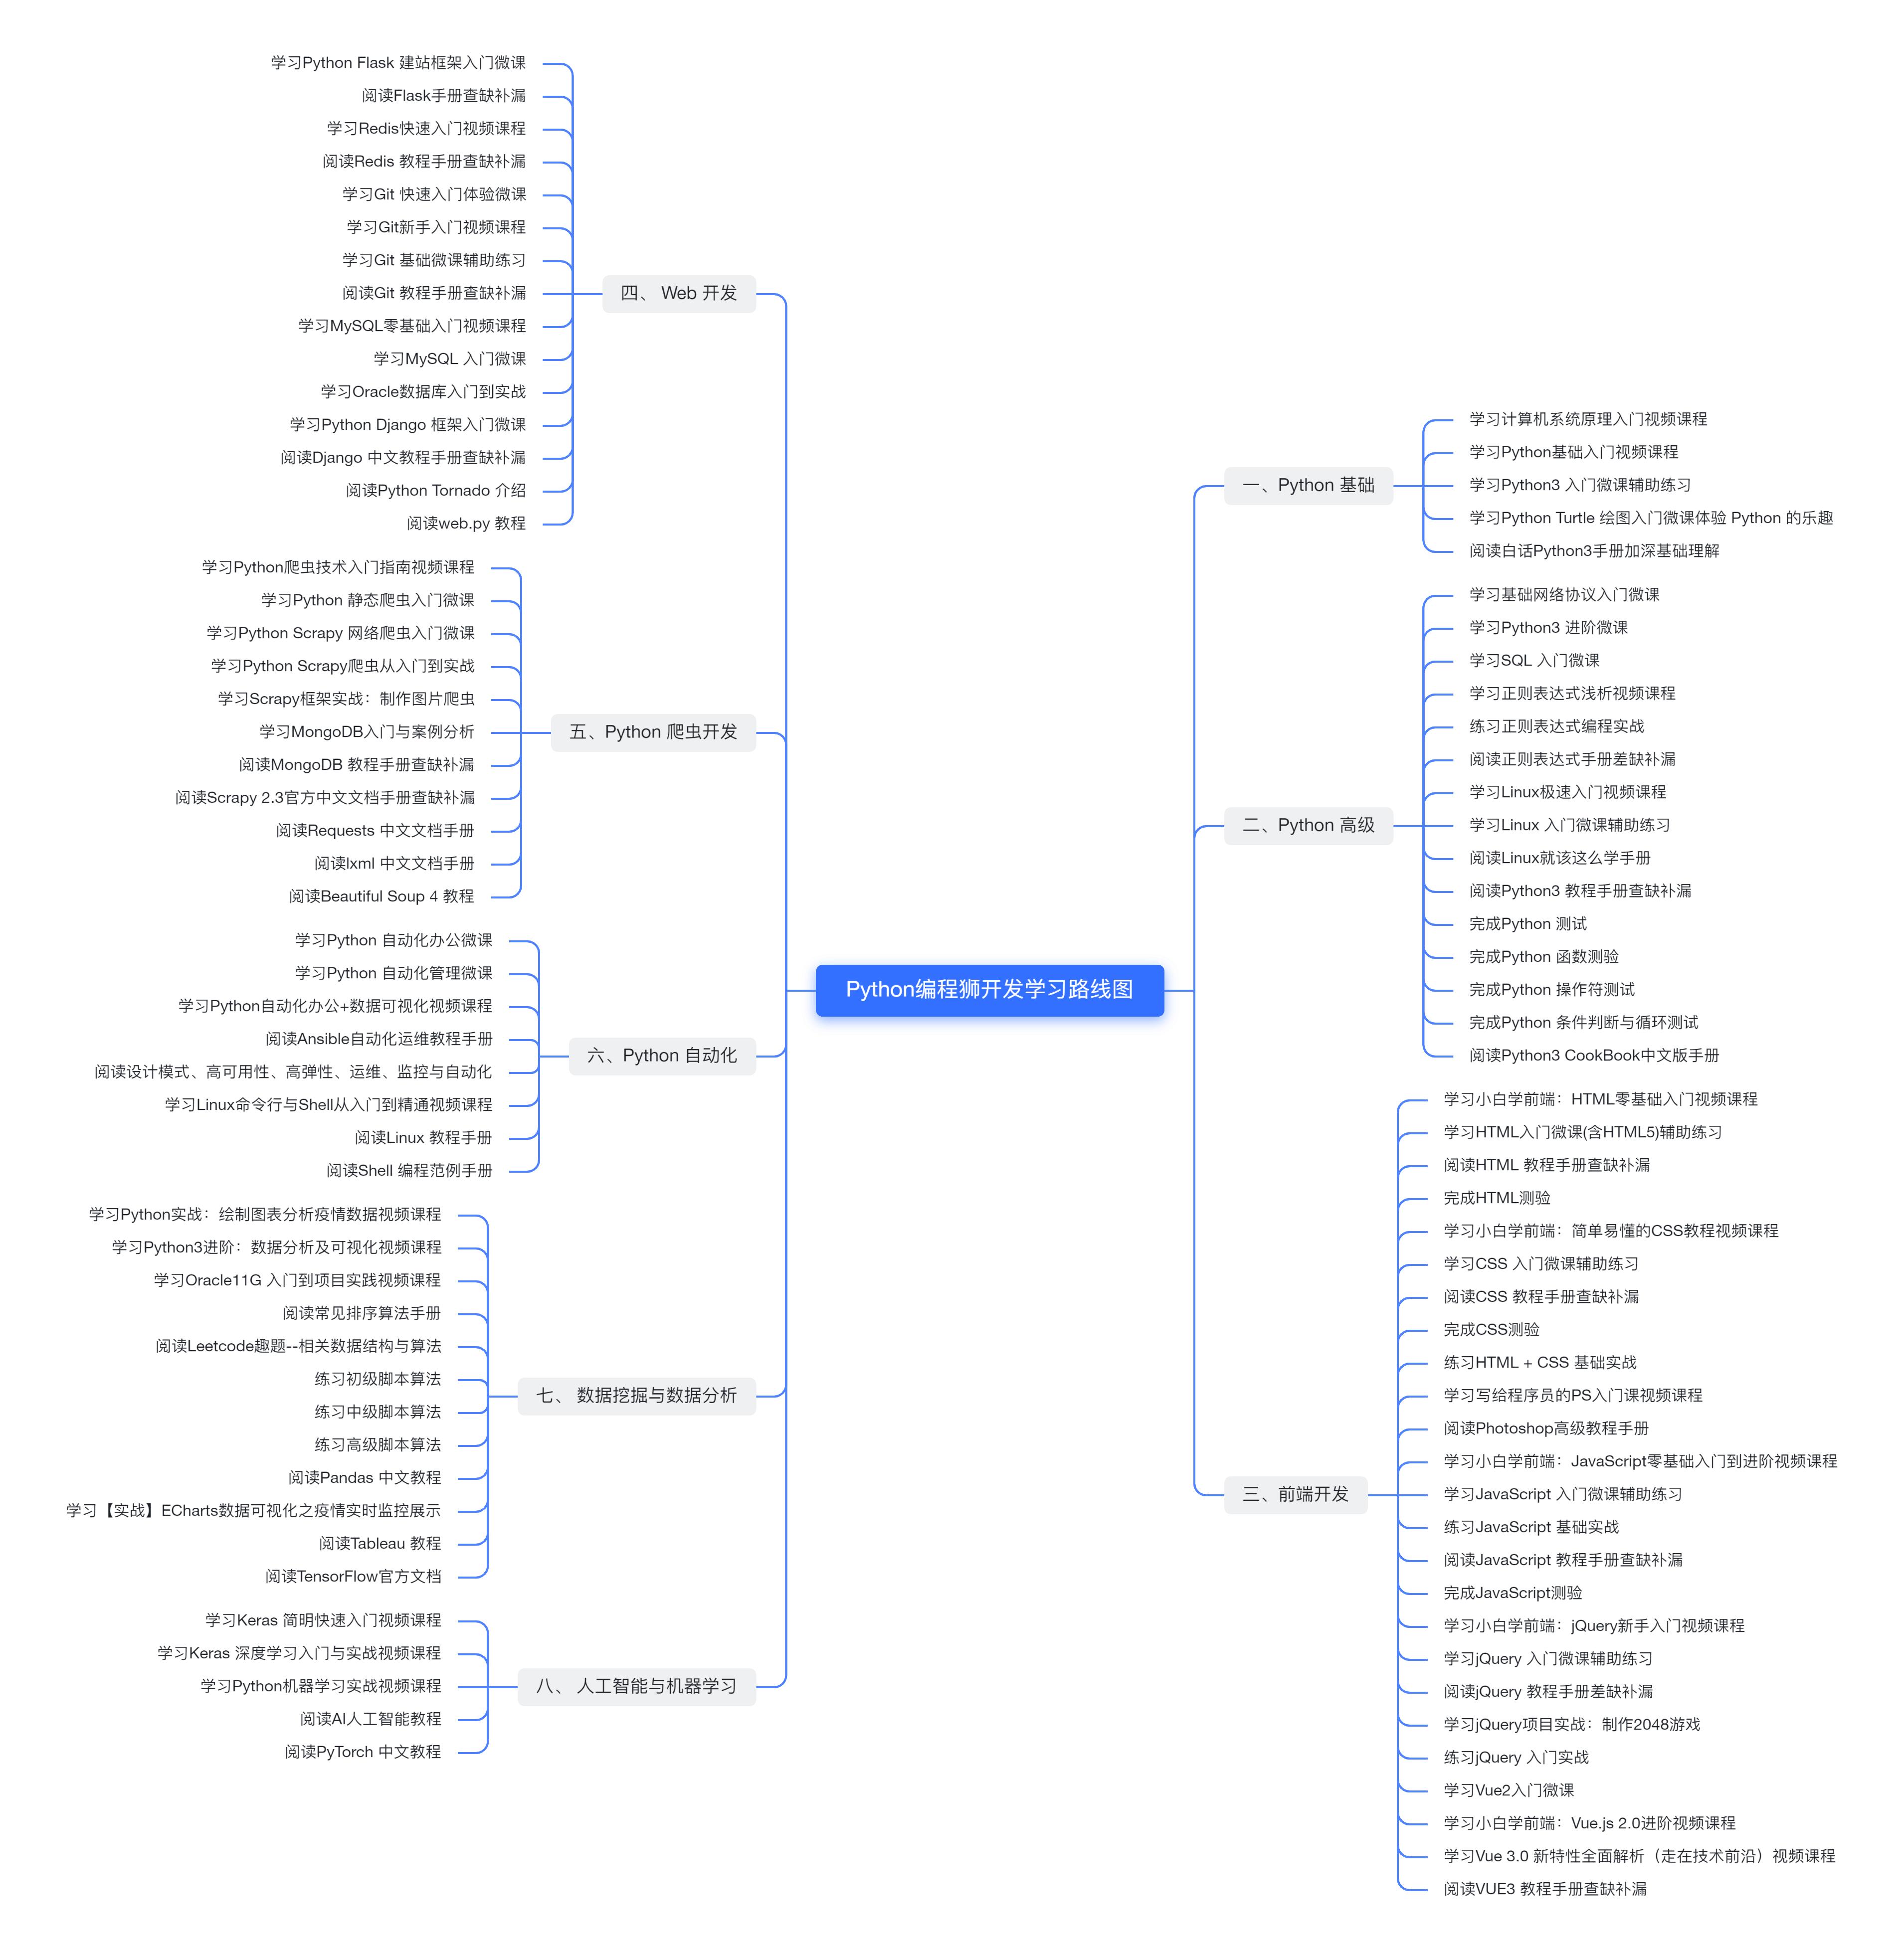 编程狮最新Python开发学习路线图